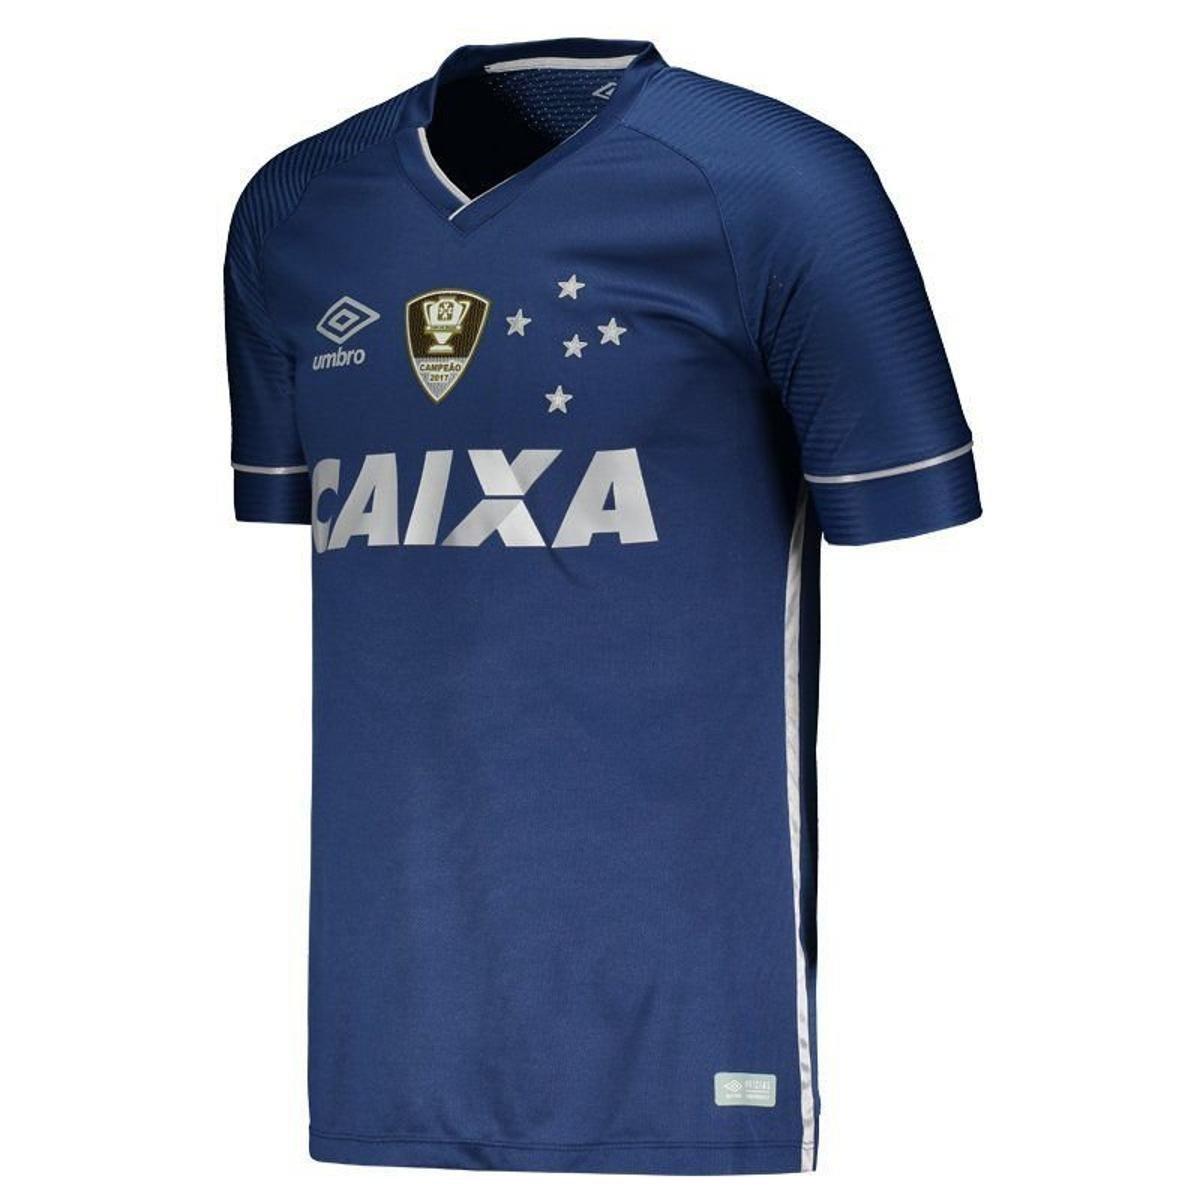 Camisa Umbro Cruzeiro III 2017 com Patch Masculina - Compre Agora ... 3a801713f8f2f